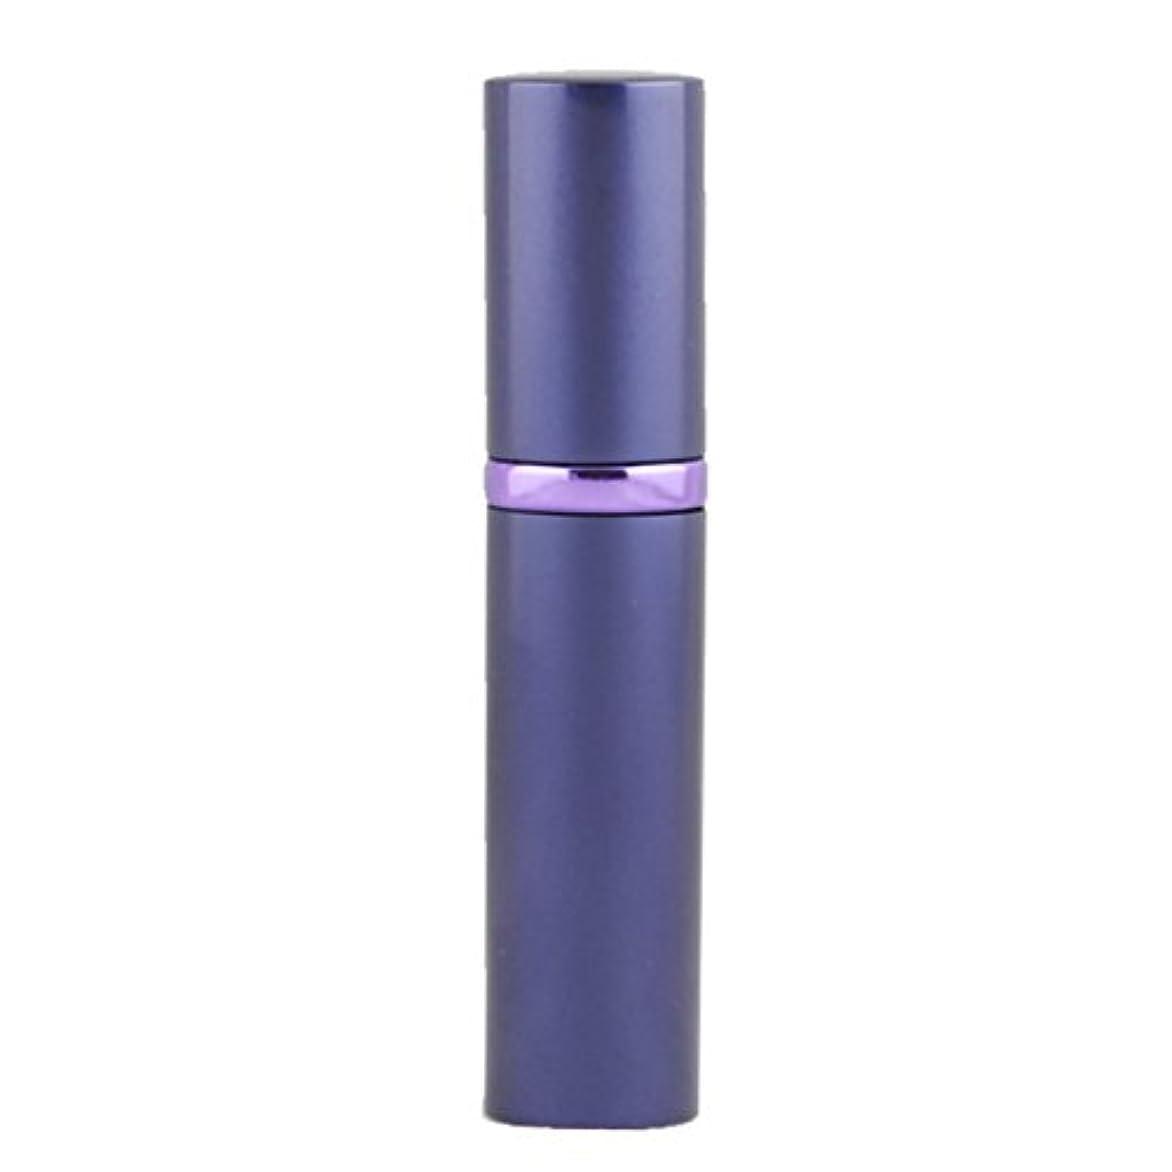 コテージ図書館ミニアトマイザ- 詰め替え AsaNana ポータブル クイック 香水噴霧器 携帯用 詰め替え容器 香水用 ワンタッチ補充 香水スプレー パフューム Quick Atomizer プシュ式 (パープル Purple)